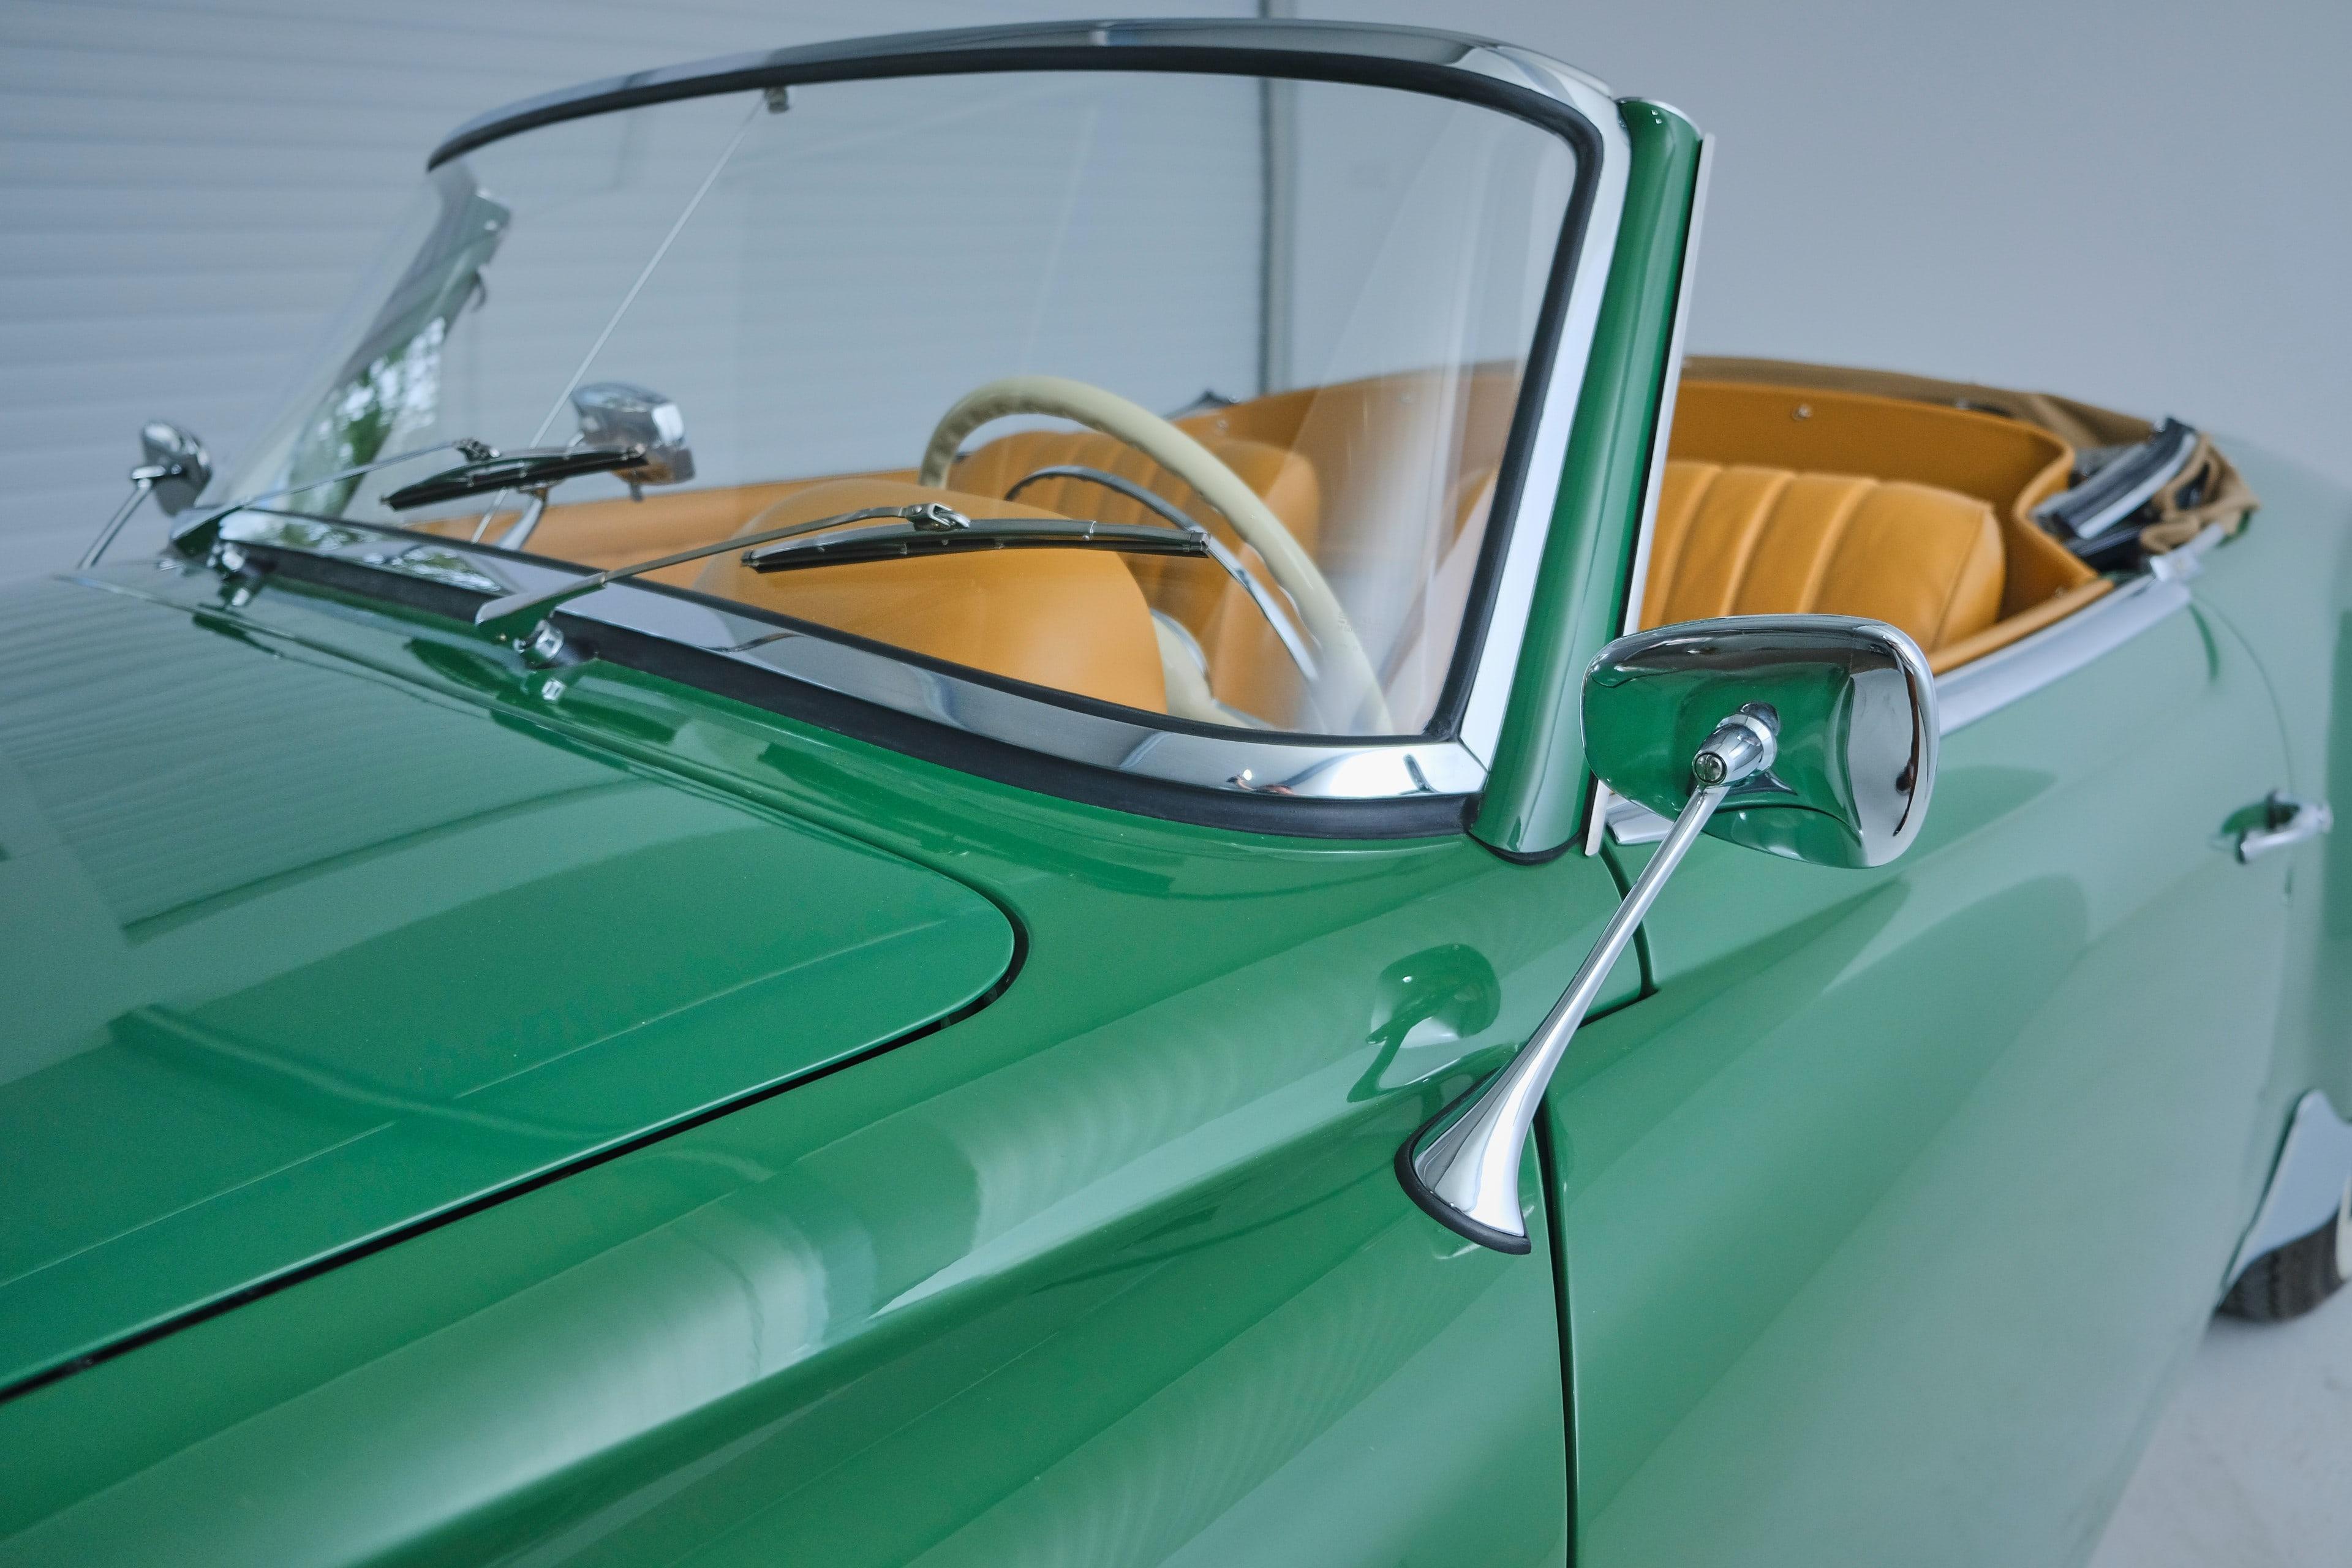 Angel's classic cars